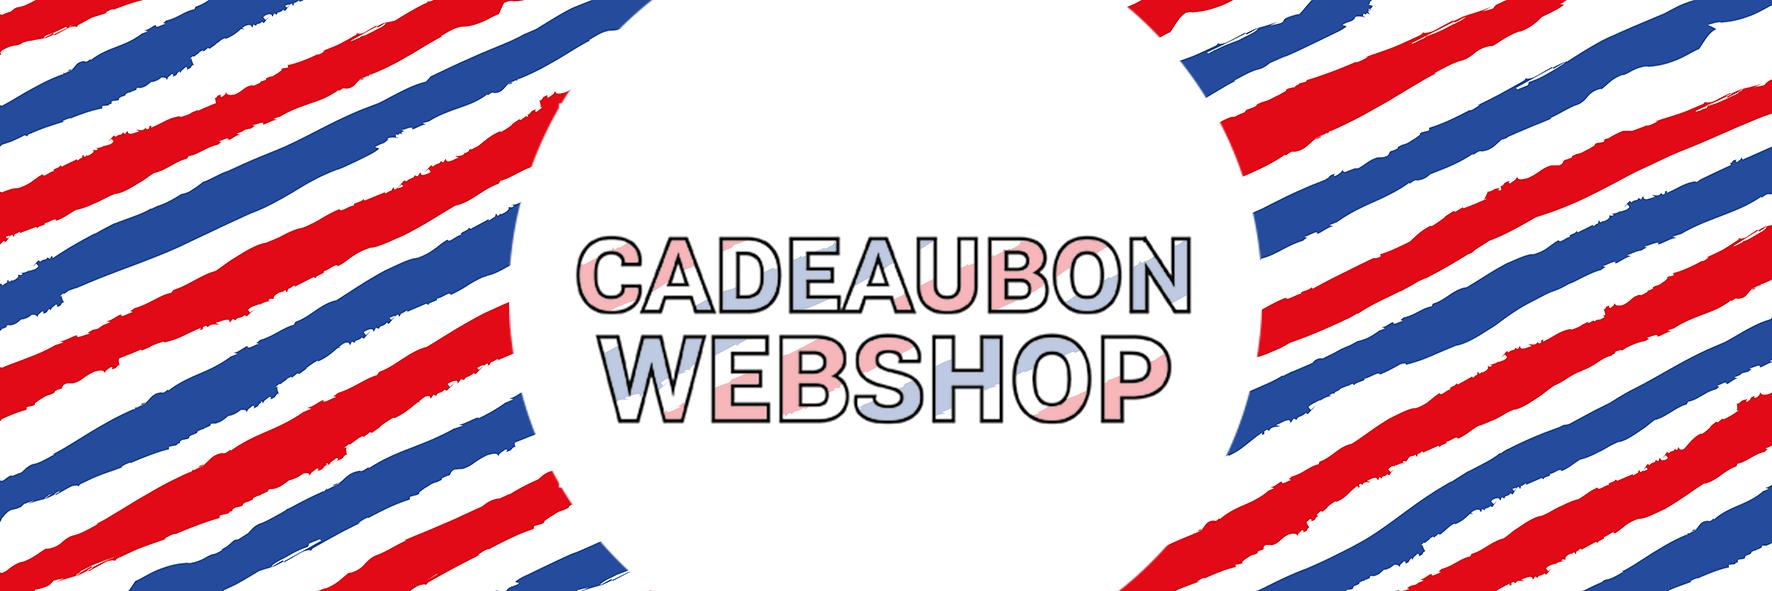 Cadeaubon-Webshop